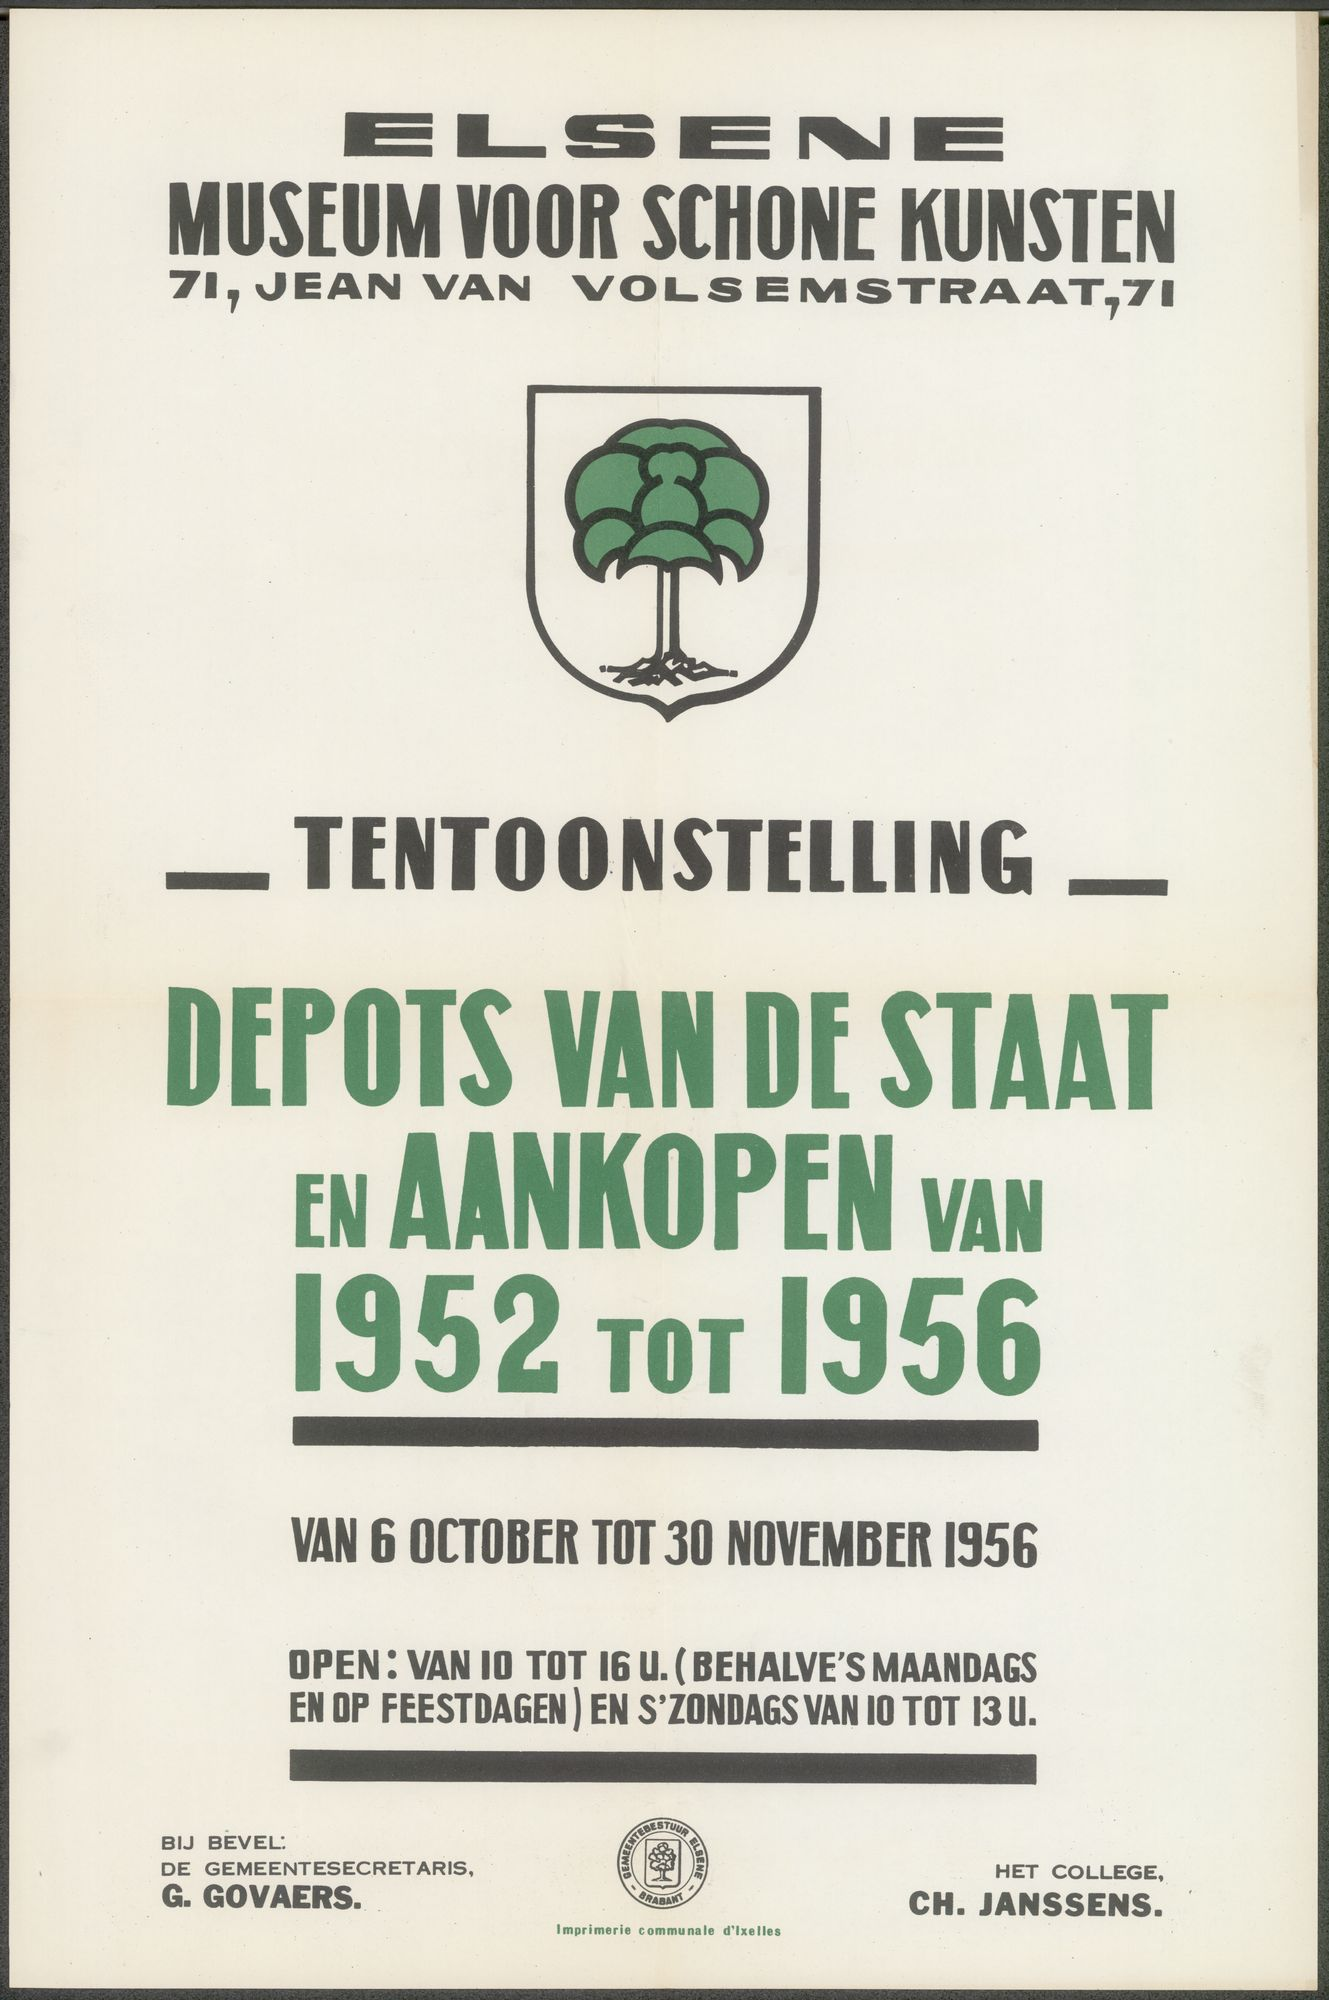 Tentoonstelling Depots van de Staat en aankopen van 1952 tot 1956, Museum voor Schone Kunsten, Elsene, 6 oktober - 30 november 1956